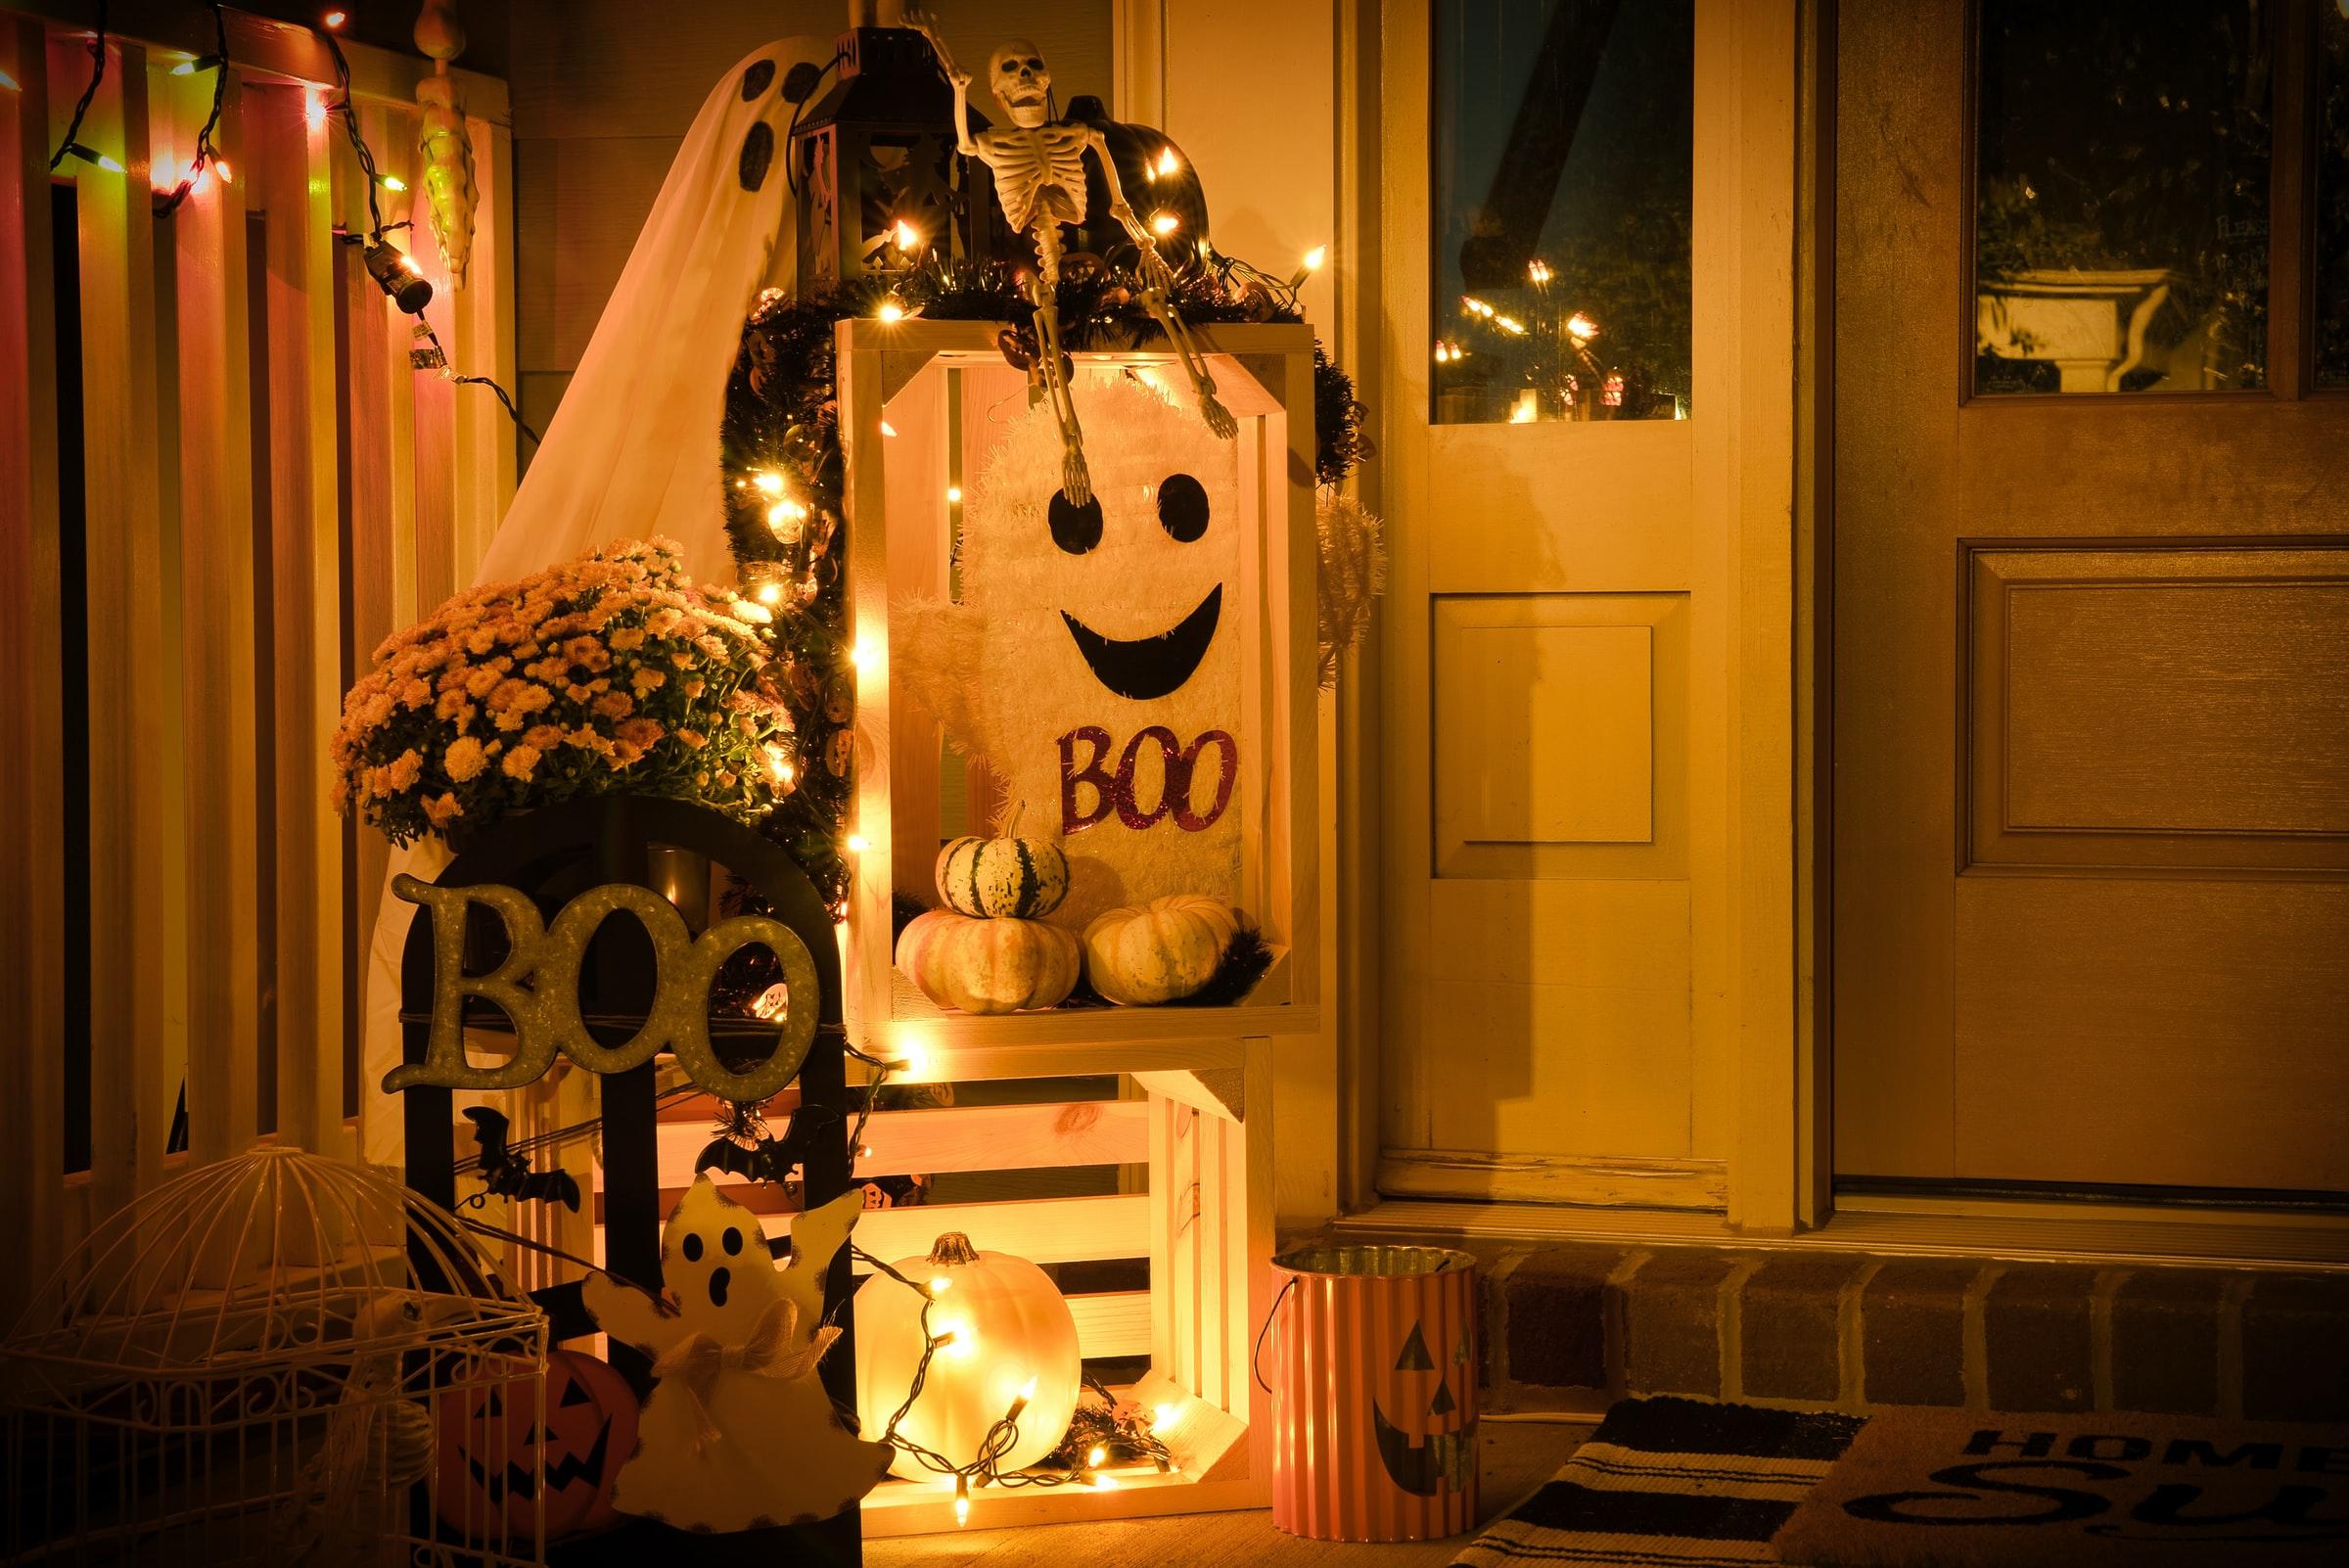 玄関のドアがライトアップされていて、お化けの置物やBOOと書かれた板でデコレーションしてある様子